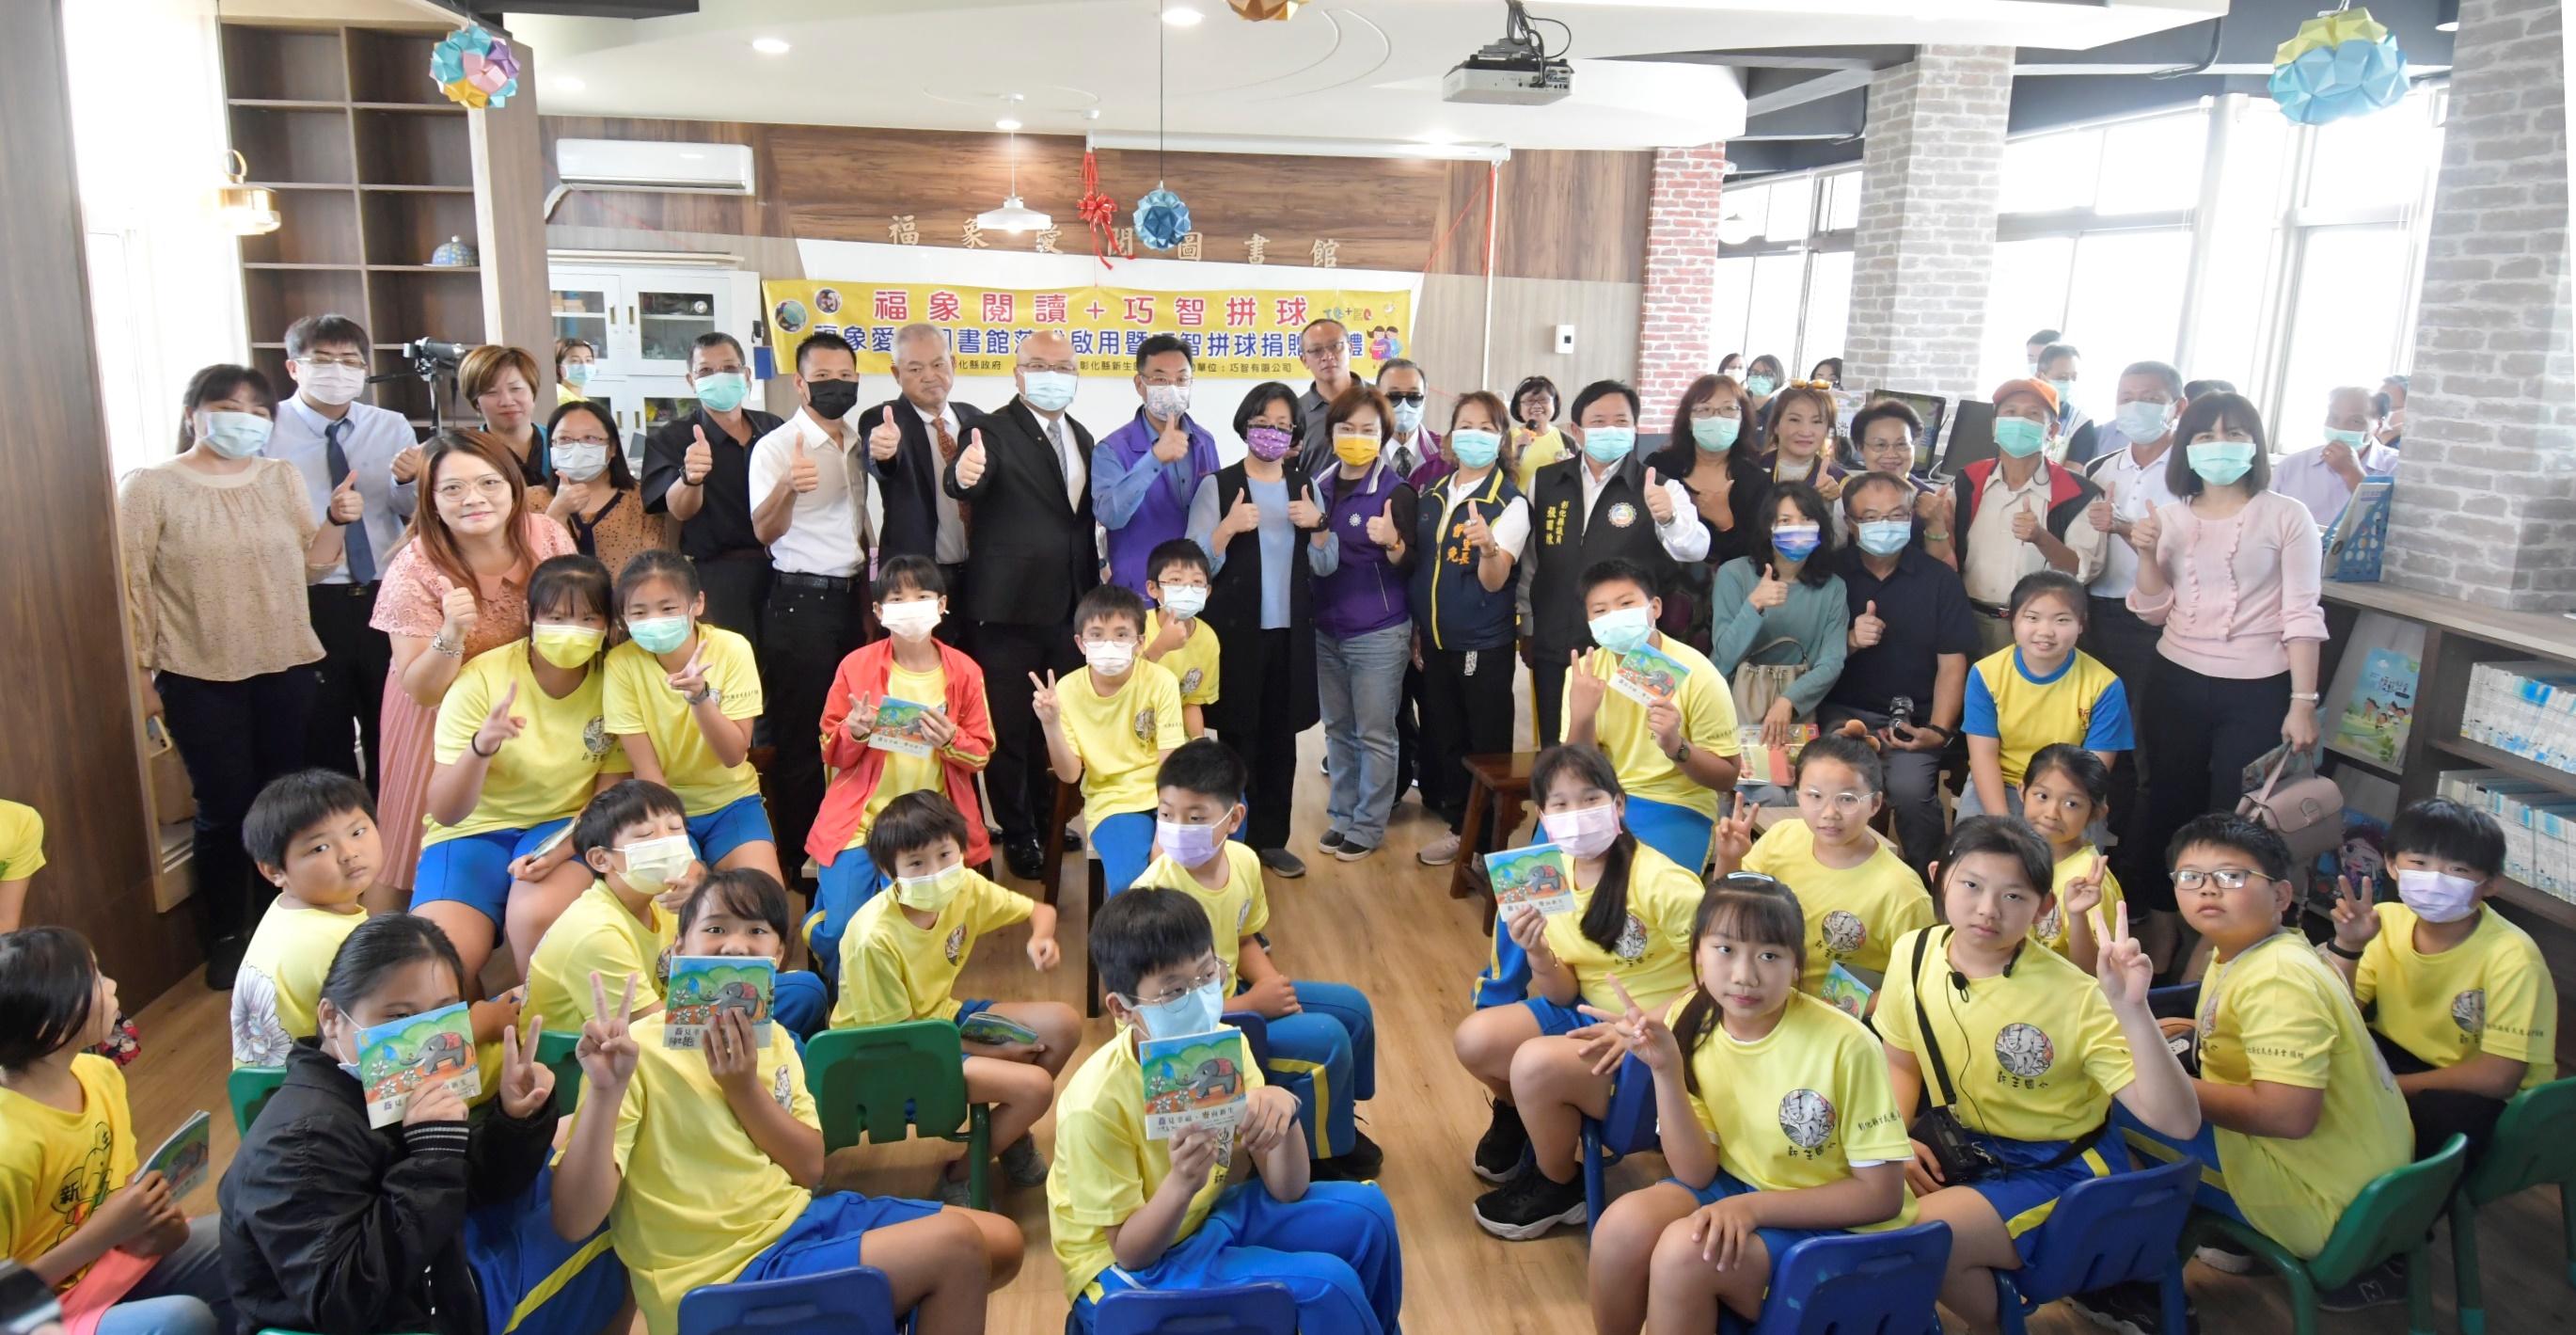 彰化縣新生國小「福象愛閱」圖書館落成啟用 巧智捐贈100個巧智拼球予4所國小學童